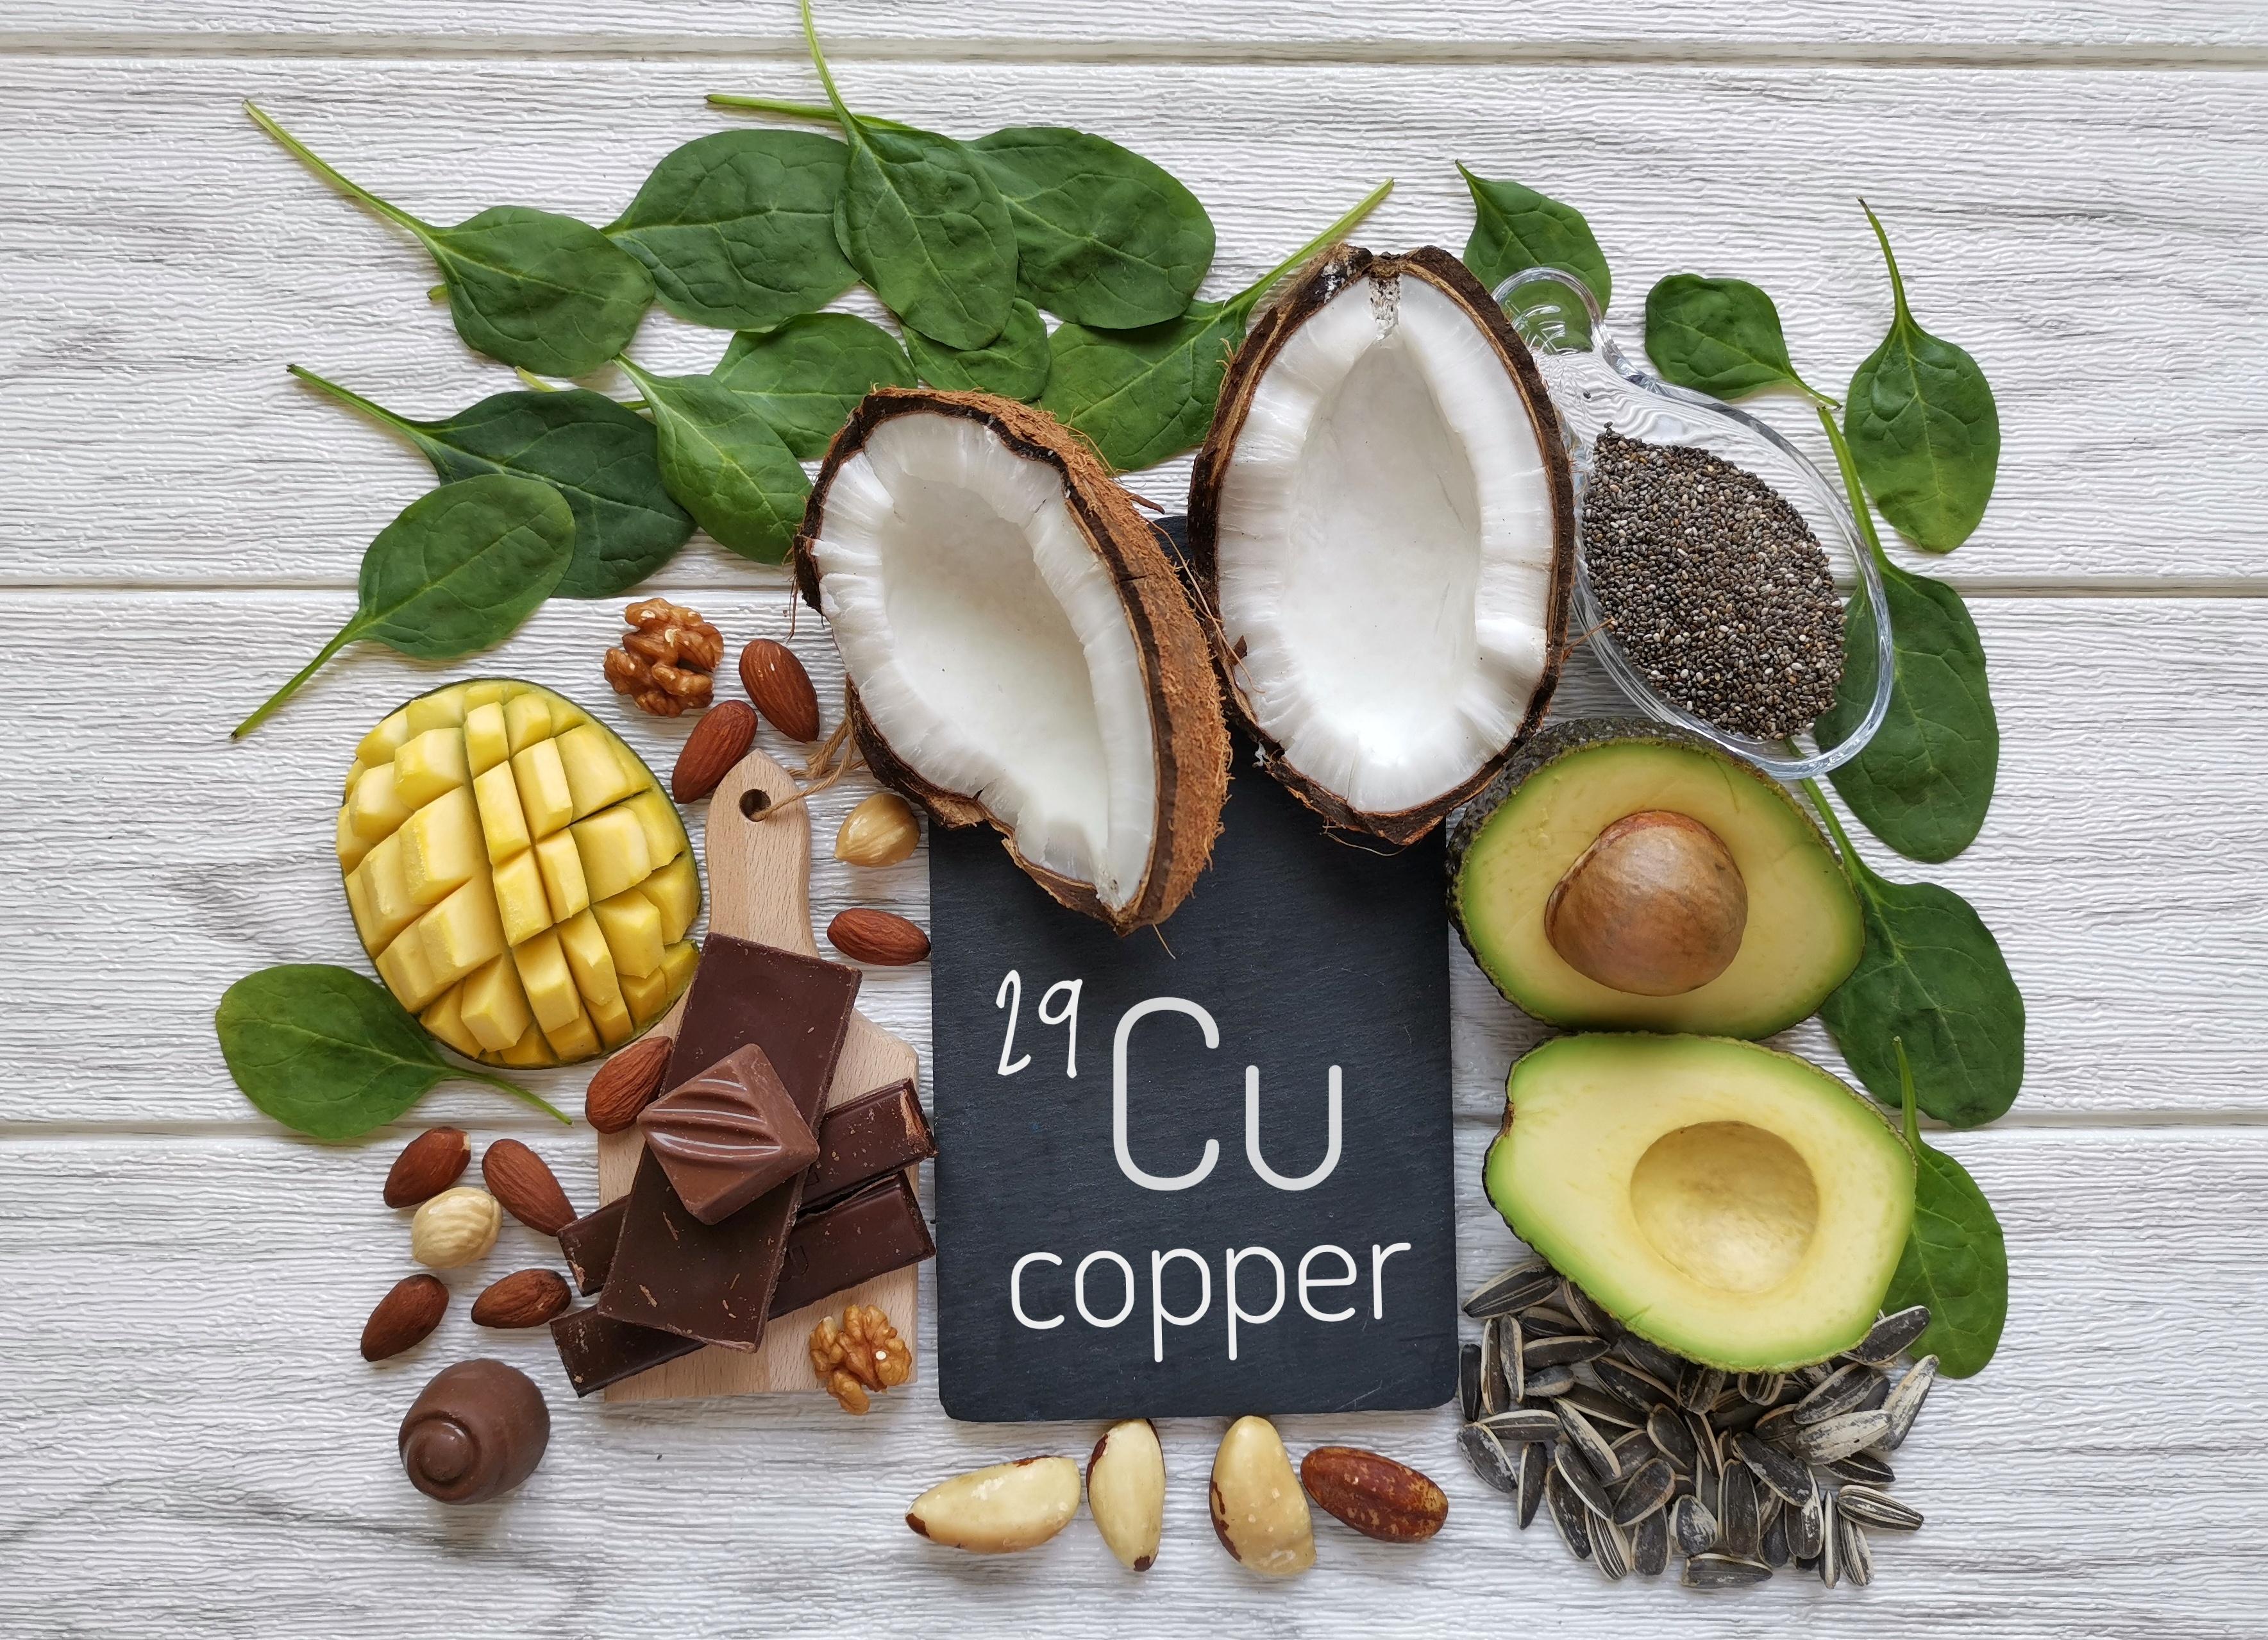 Le cuivre est un micronutriment essentiel, connu depuis longtemps pour stimuler la prolifération et la migration des cellules endothéliales - le cuivre provoque la croissance de nouveaux vaisseaux sanguins (Visuel Adobe Stock 355058222)